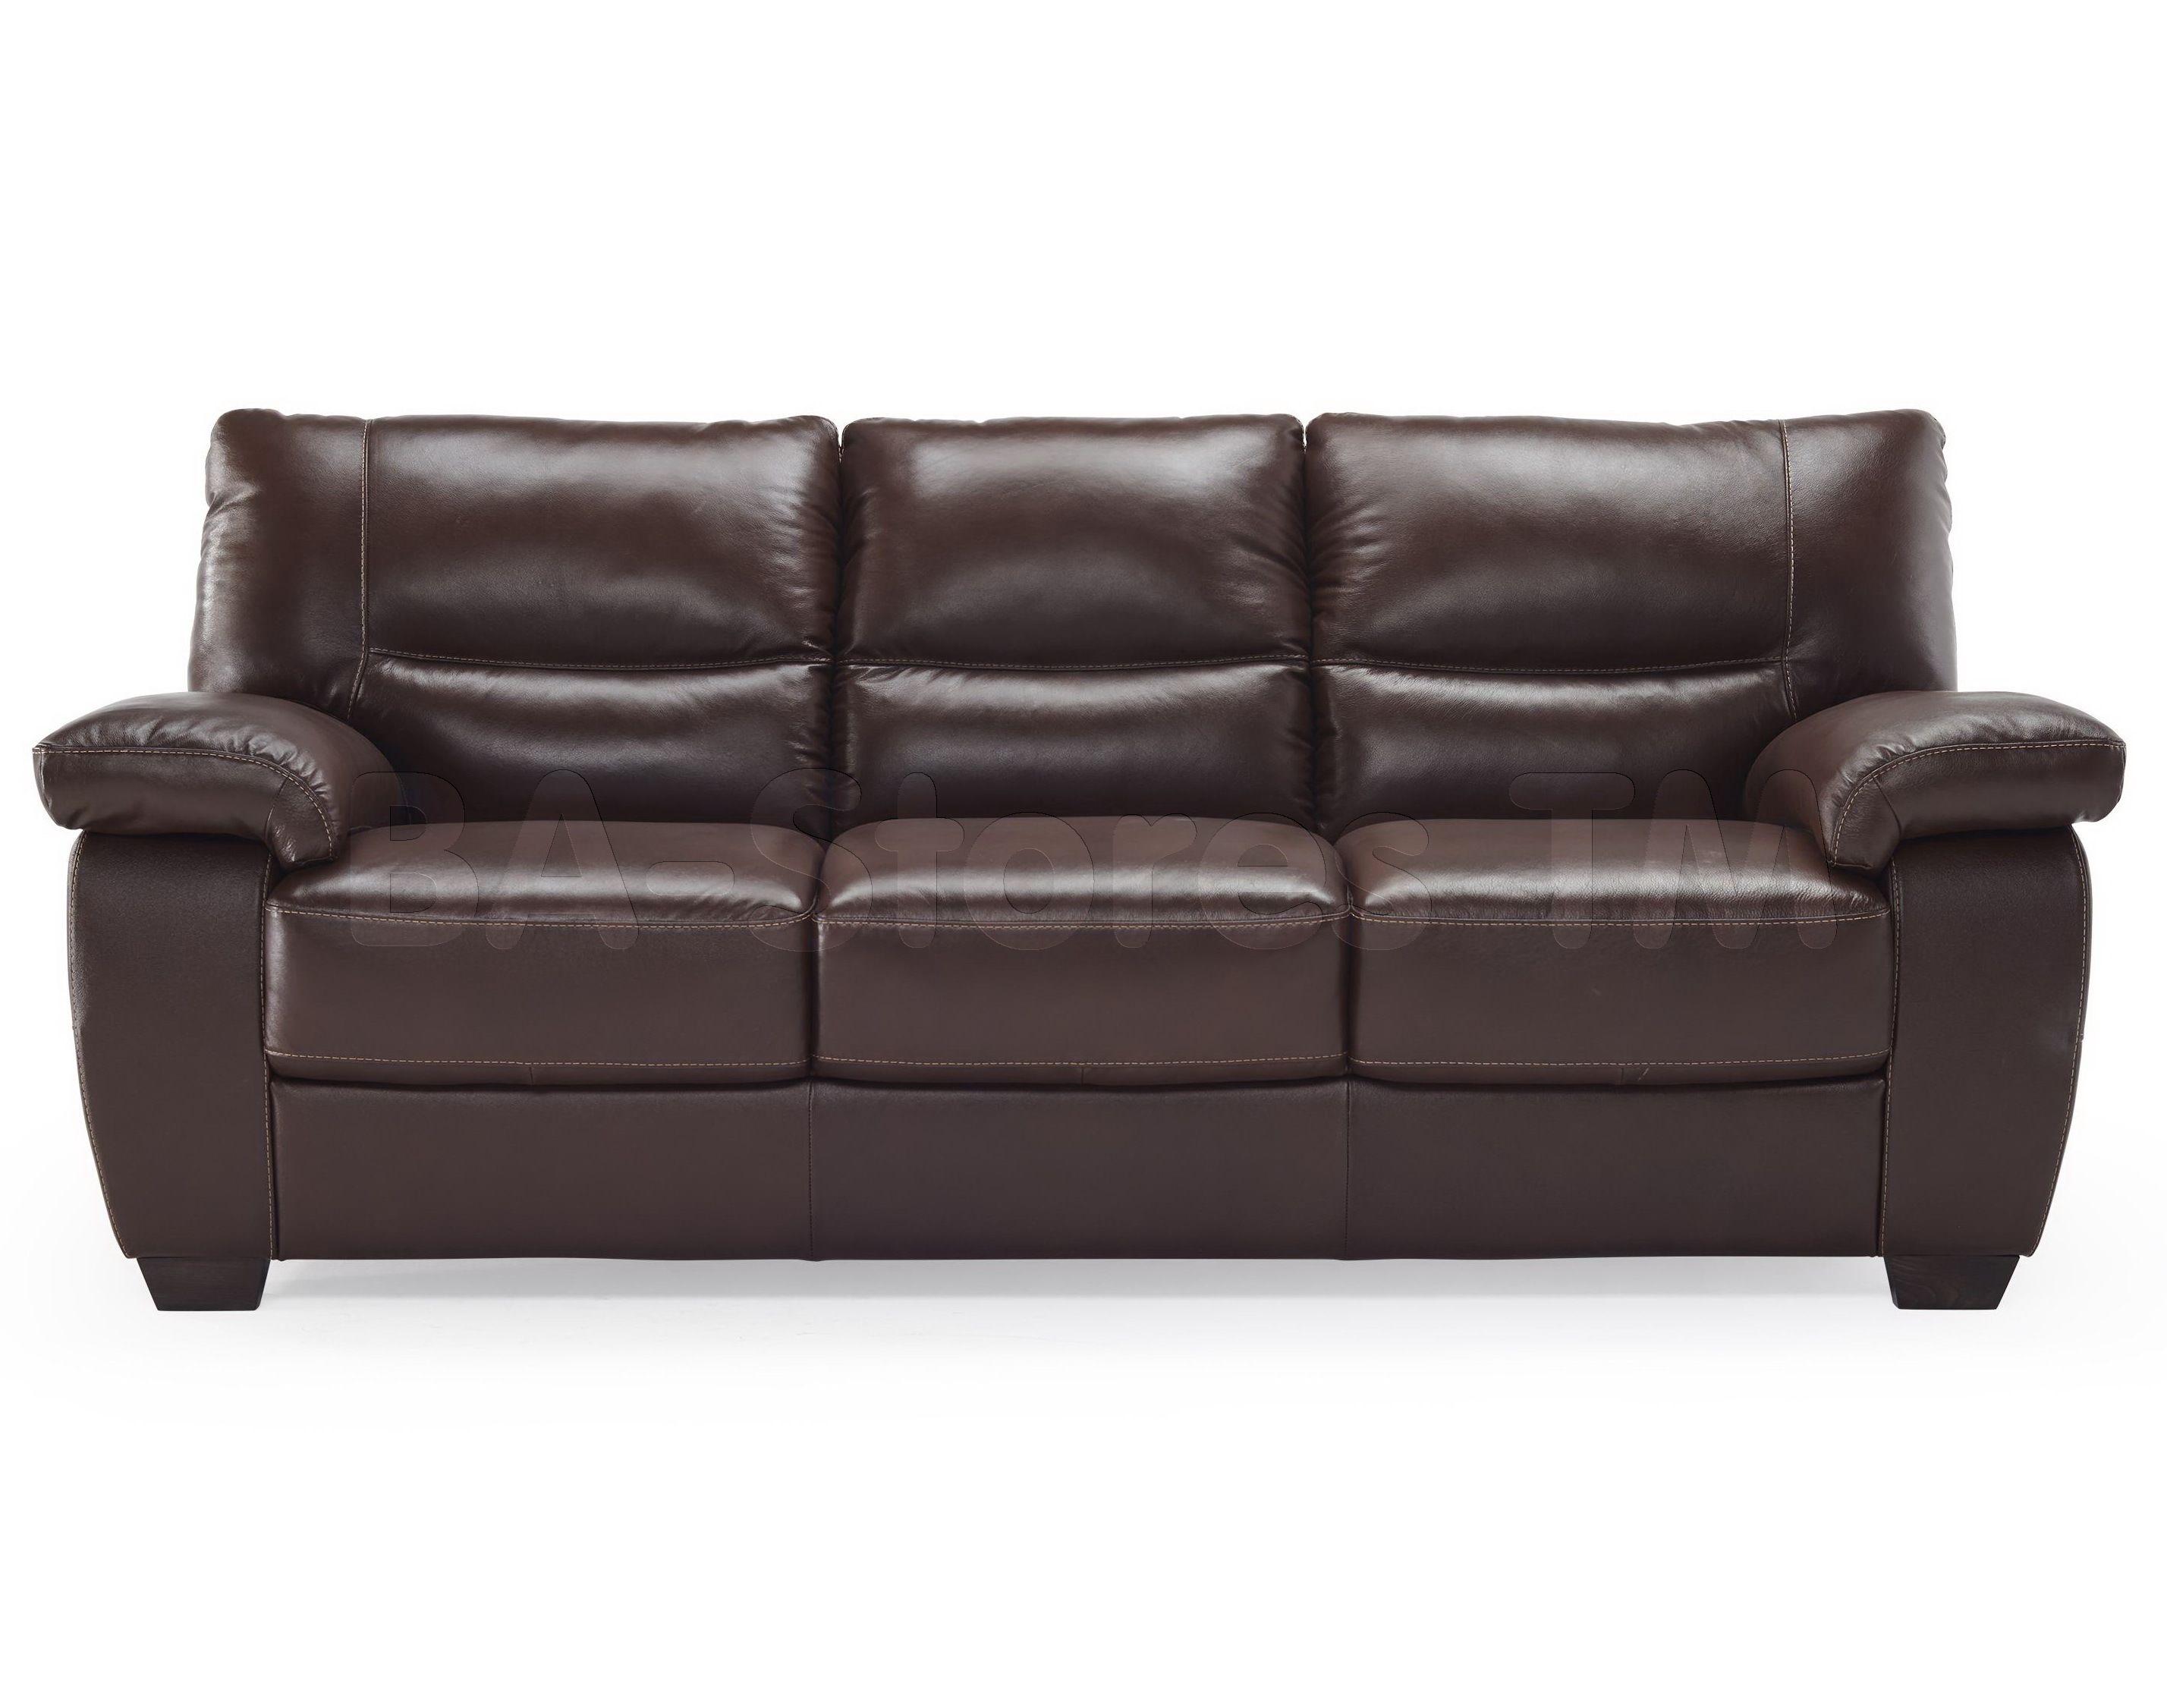 Natuzzi Editions Leather 3 Cushion Sofa B870 | Natuzzi Group ...